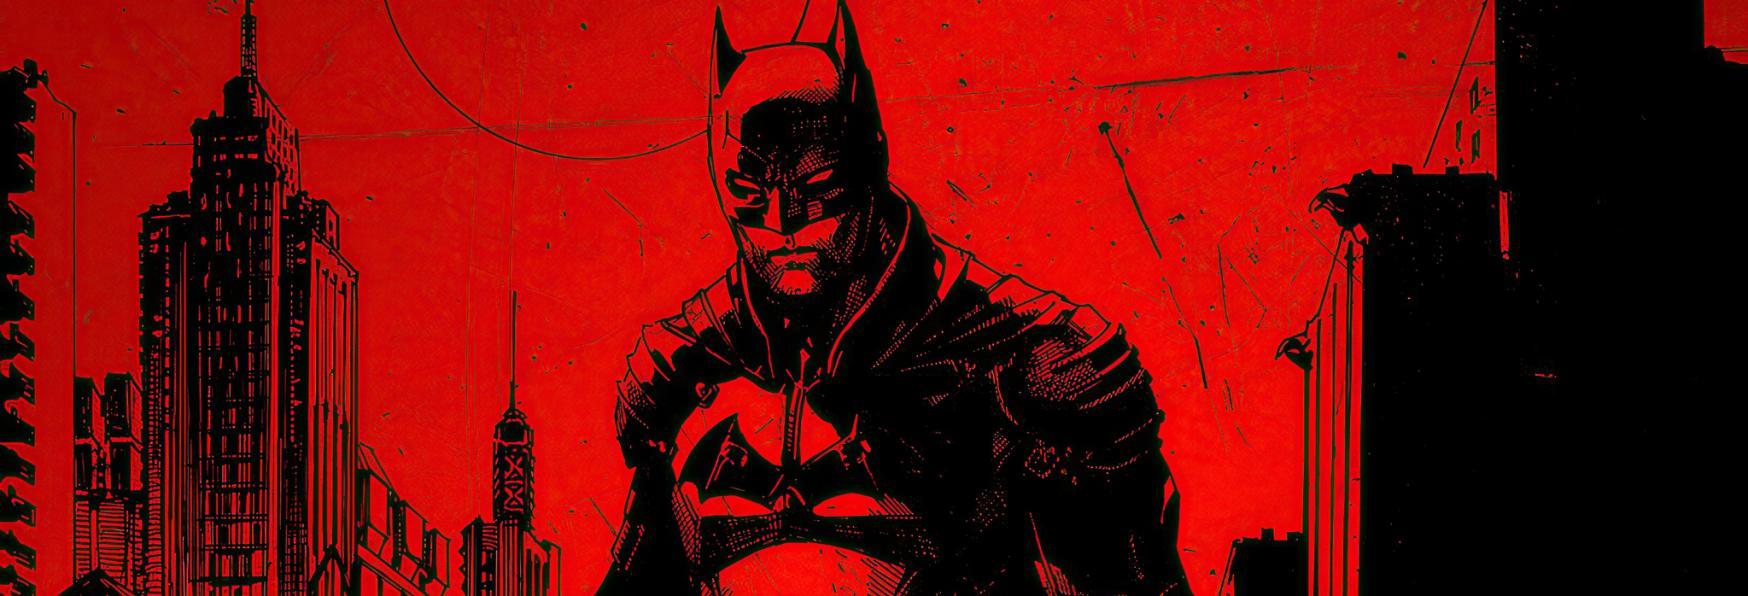 Batman: Caped Crusader - Annunciata la nuova Serie Animata di J.J. Abrams